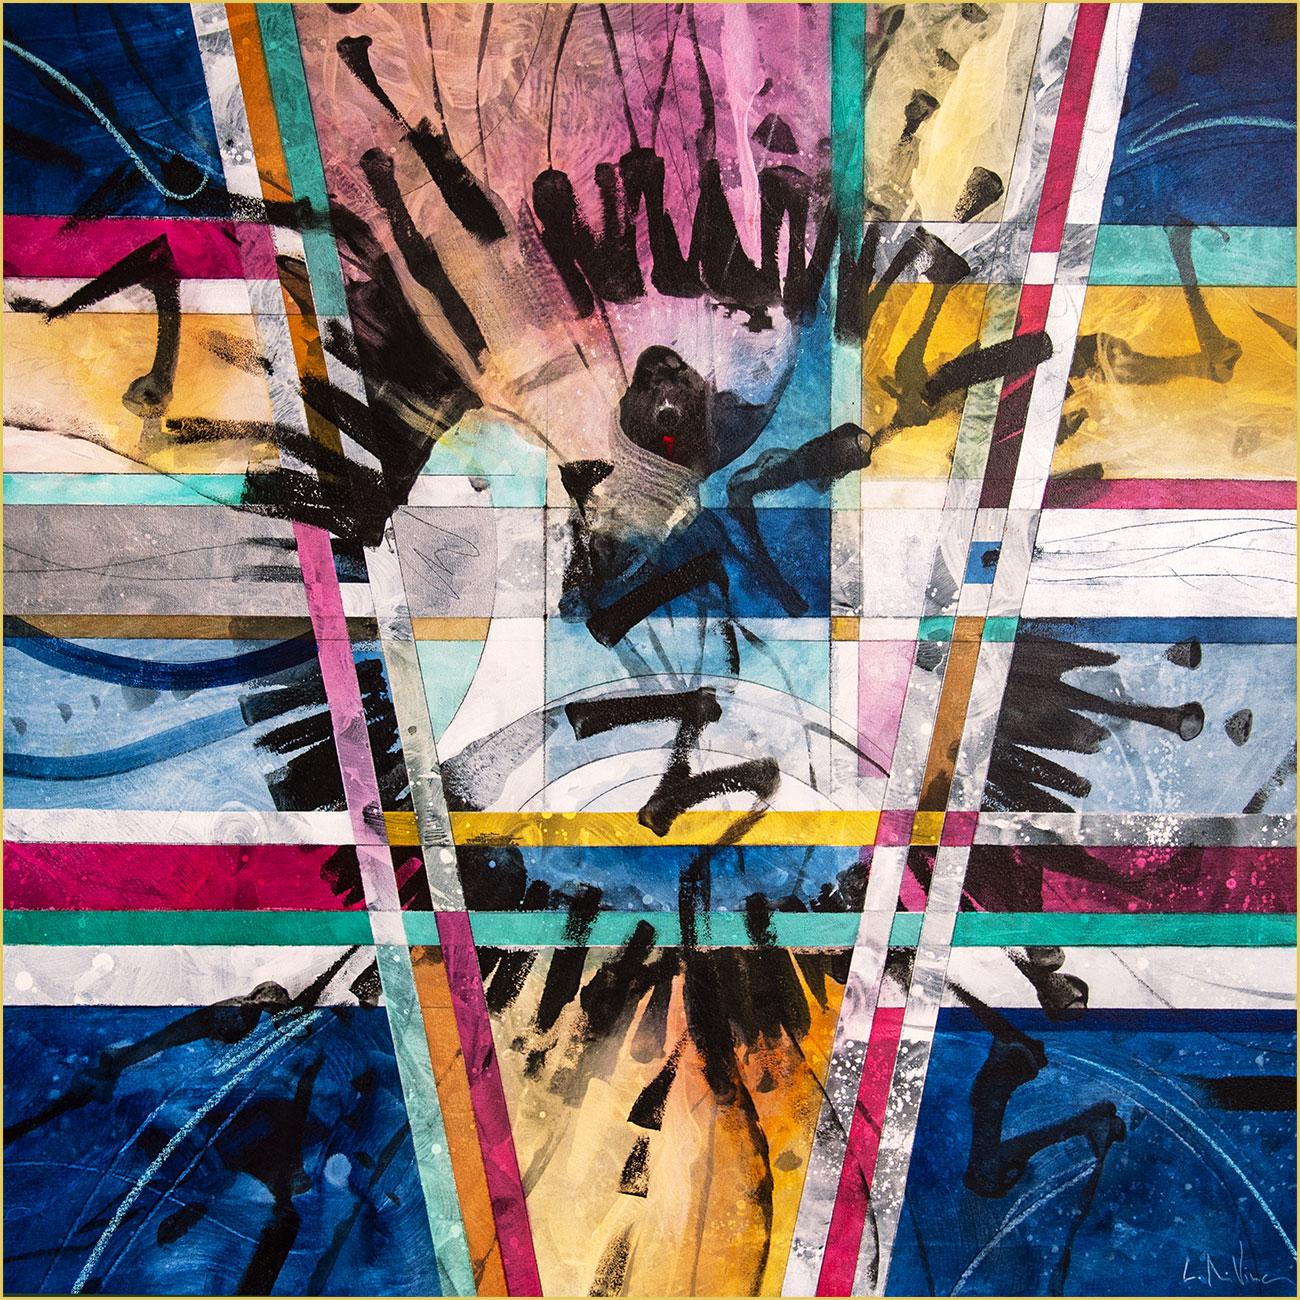 Orizzonti Paralleli Acrilyc on canvas cm100 x cm100 2020